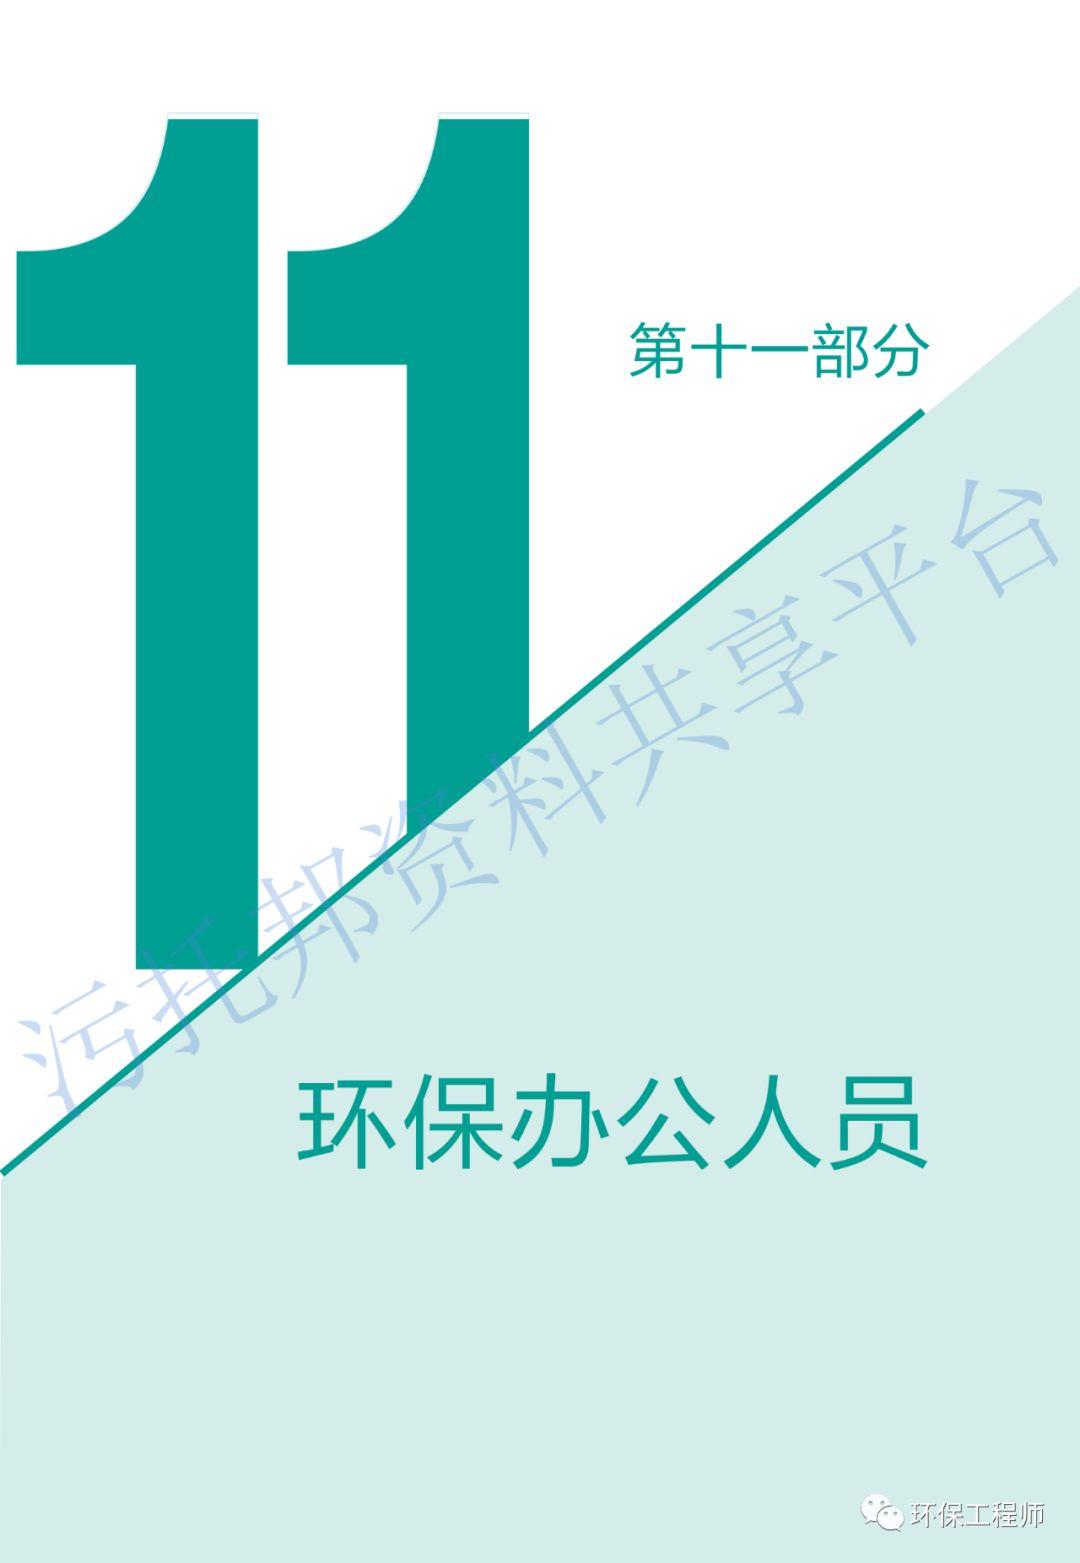 《环保从业人员新型冠状病毒疫情防护手册》_39